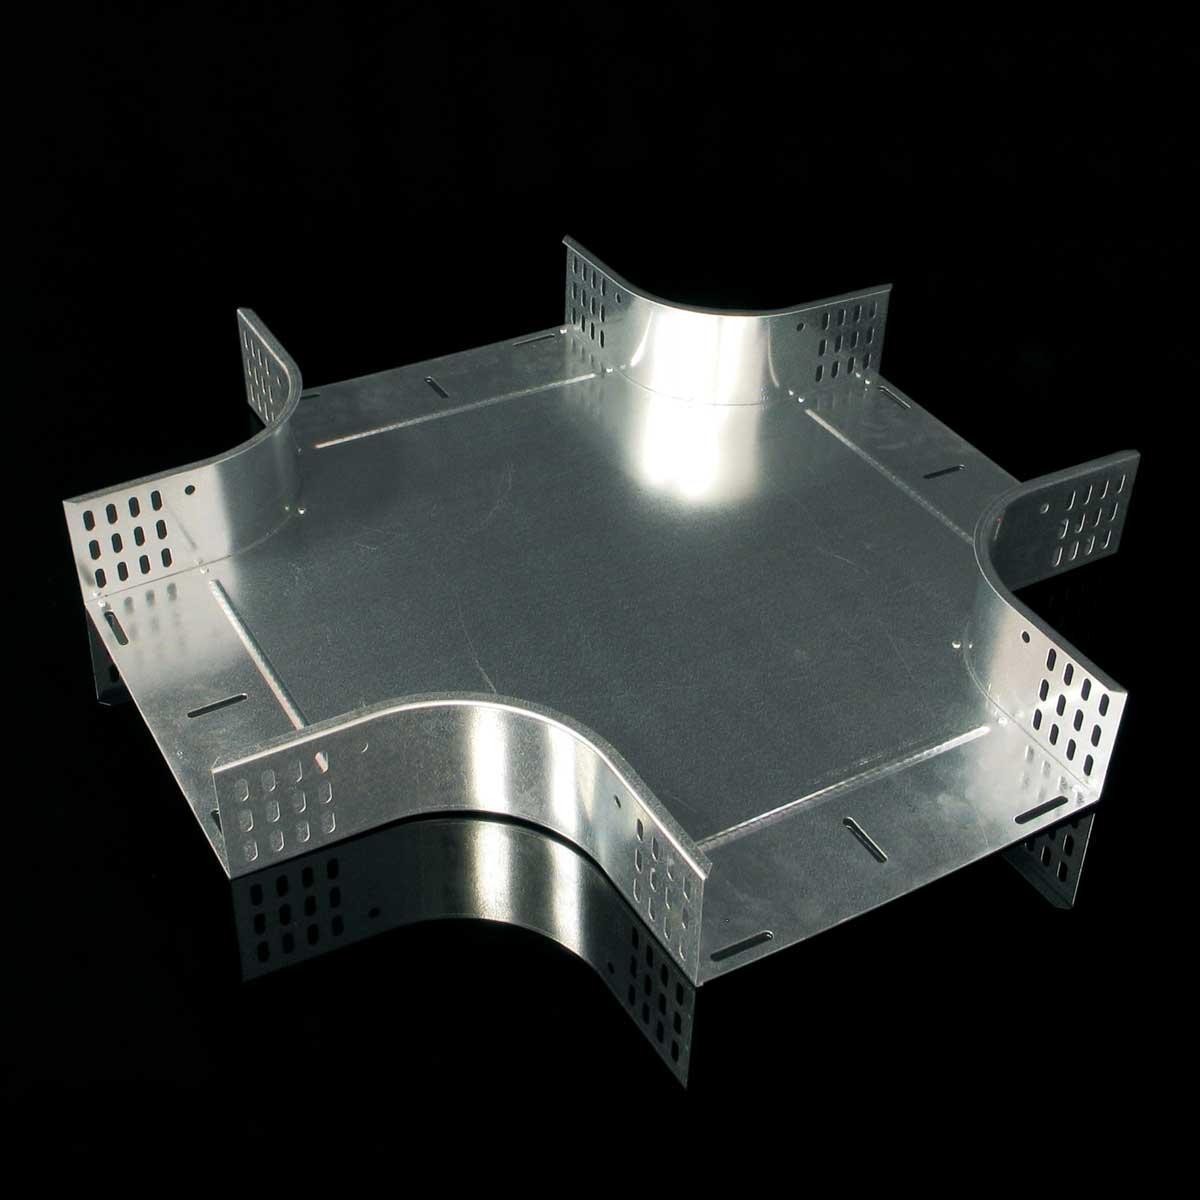 Відгалужувач хрестоподібний JUPITER; розміри-35x300x700mm Товщ. метал-1 Вага-3,44кг/м